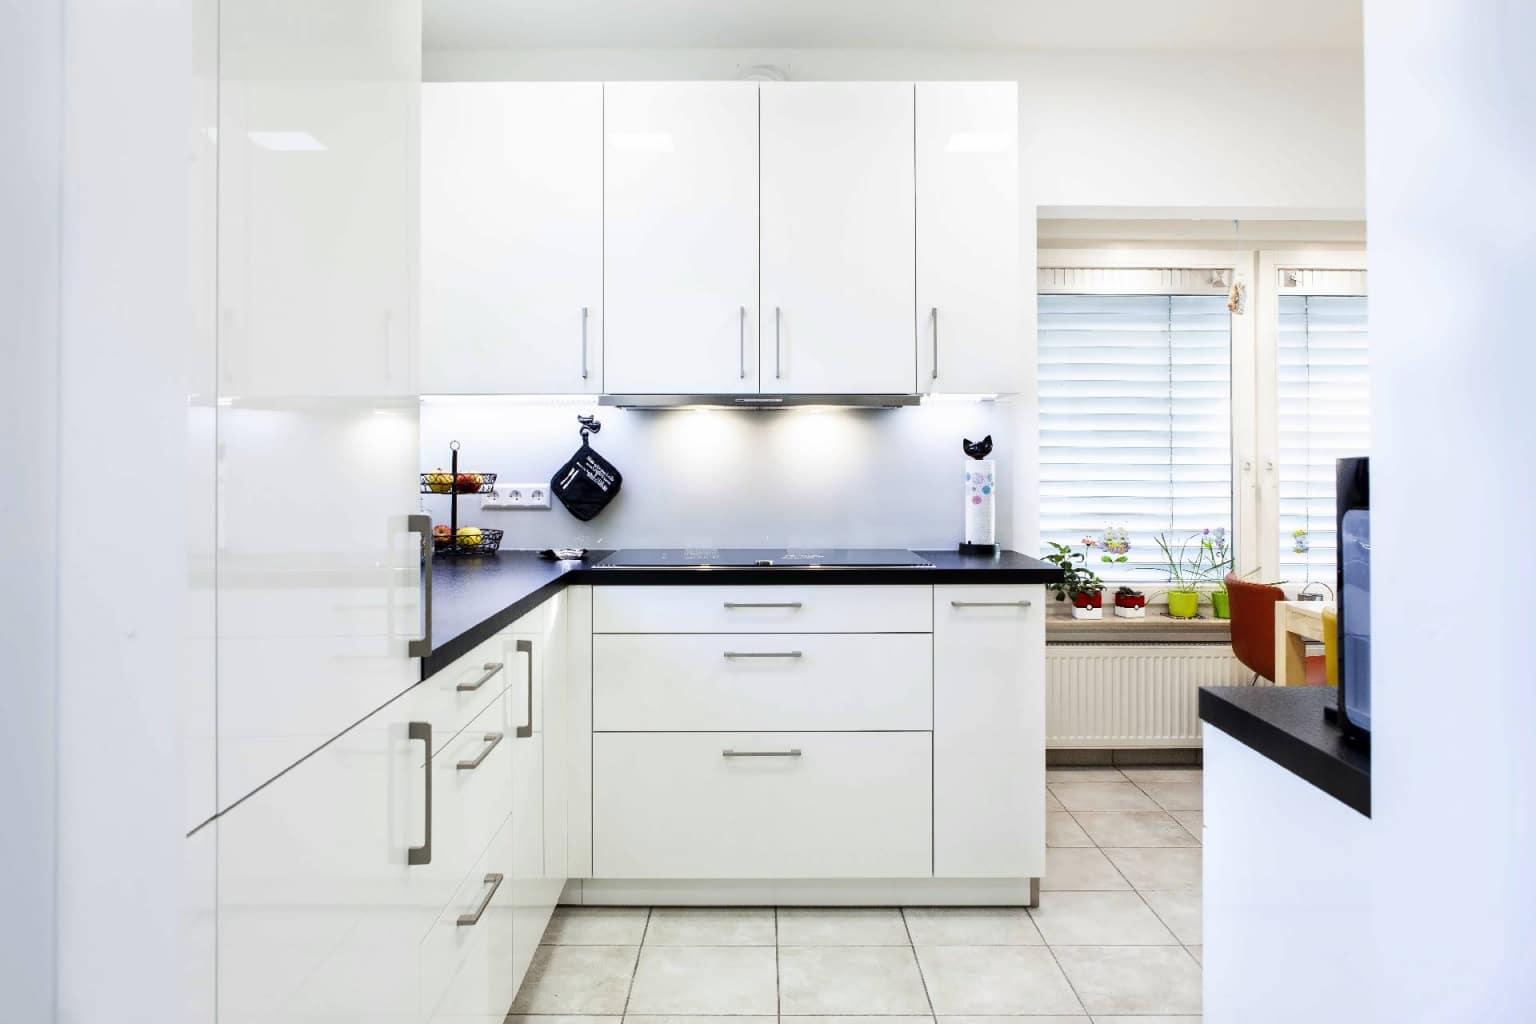 Mehrteilige Wohnküche in Hochglanz (5)